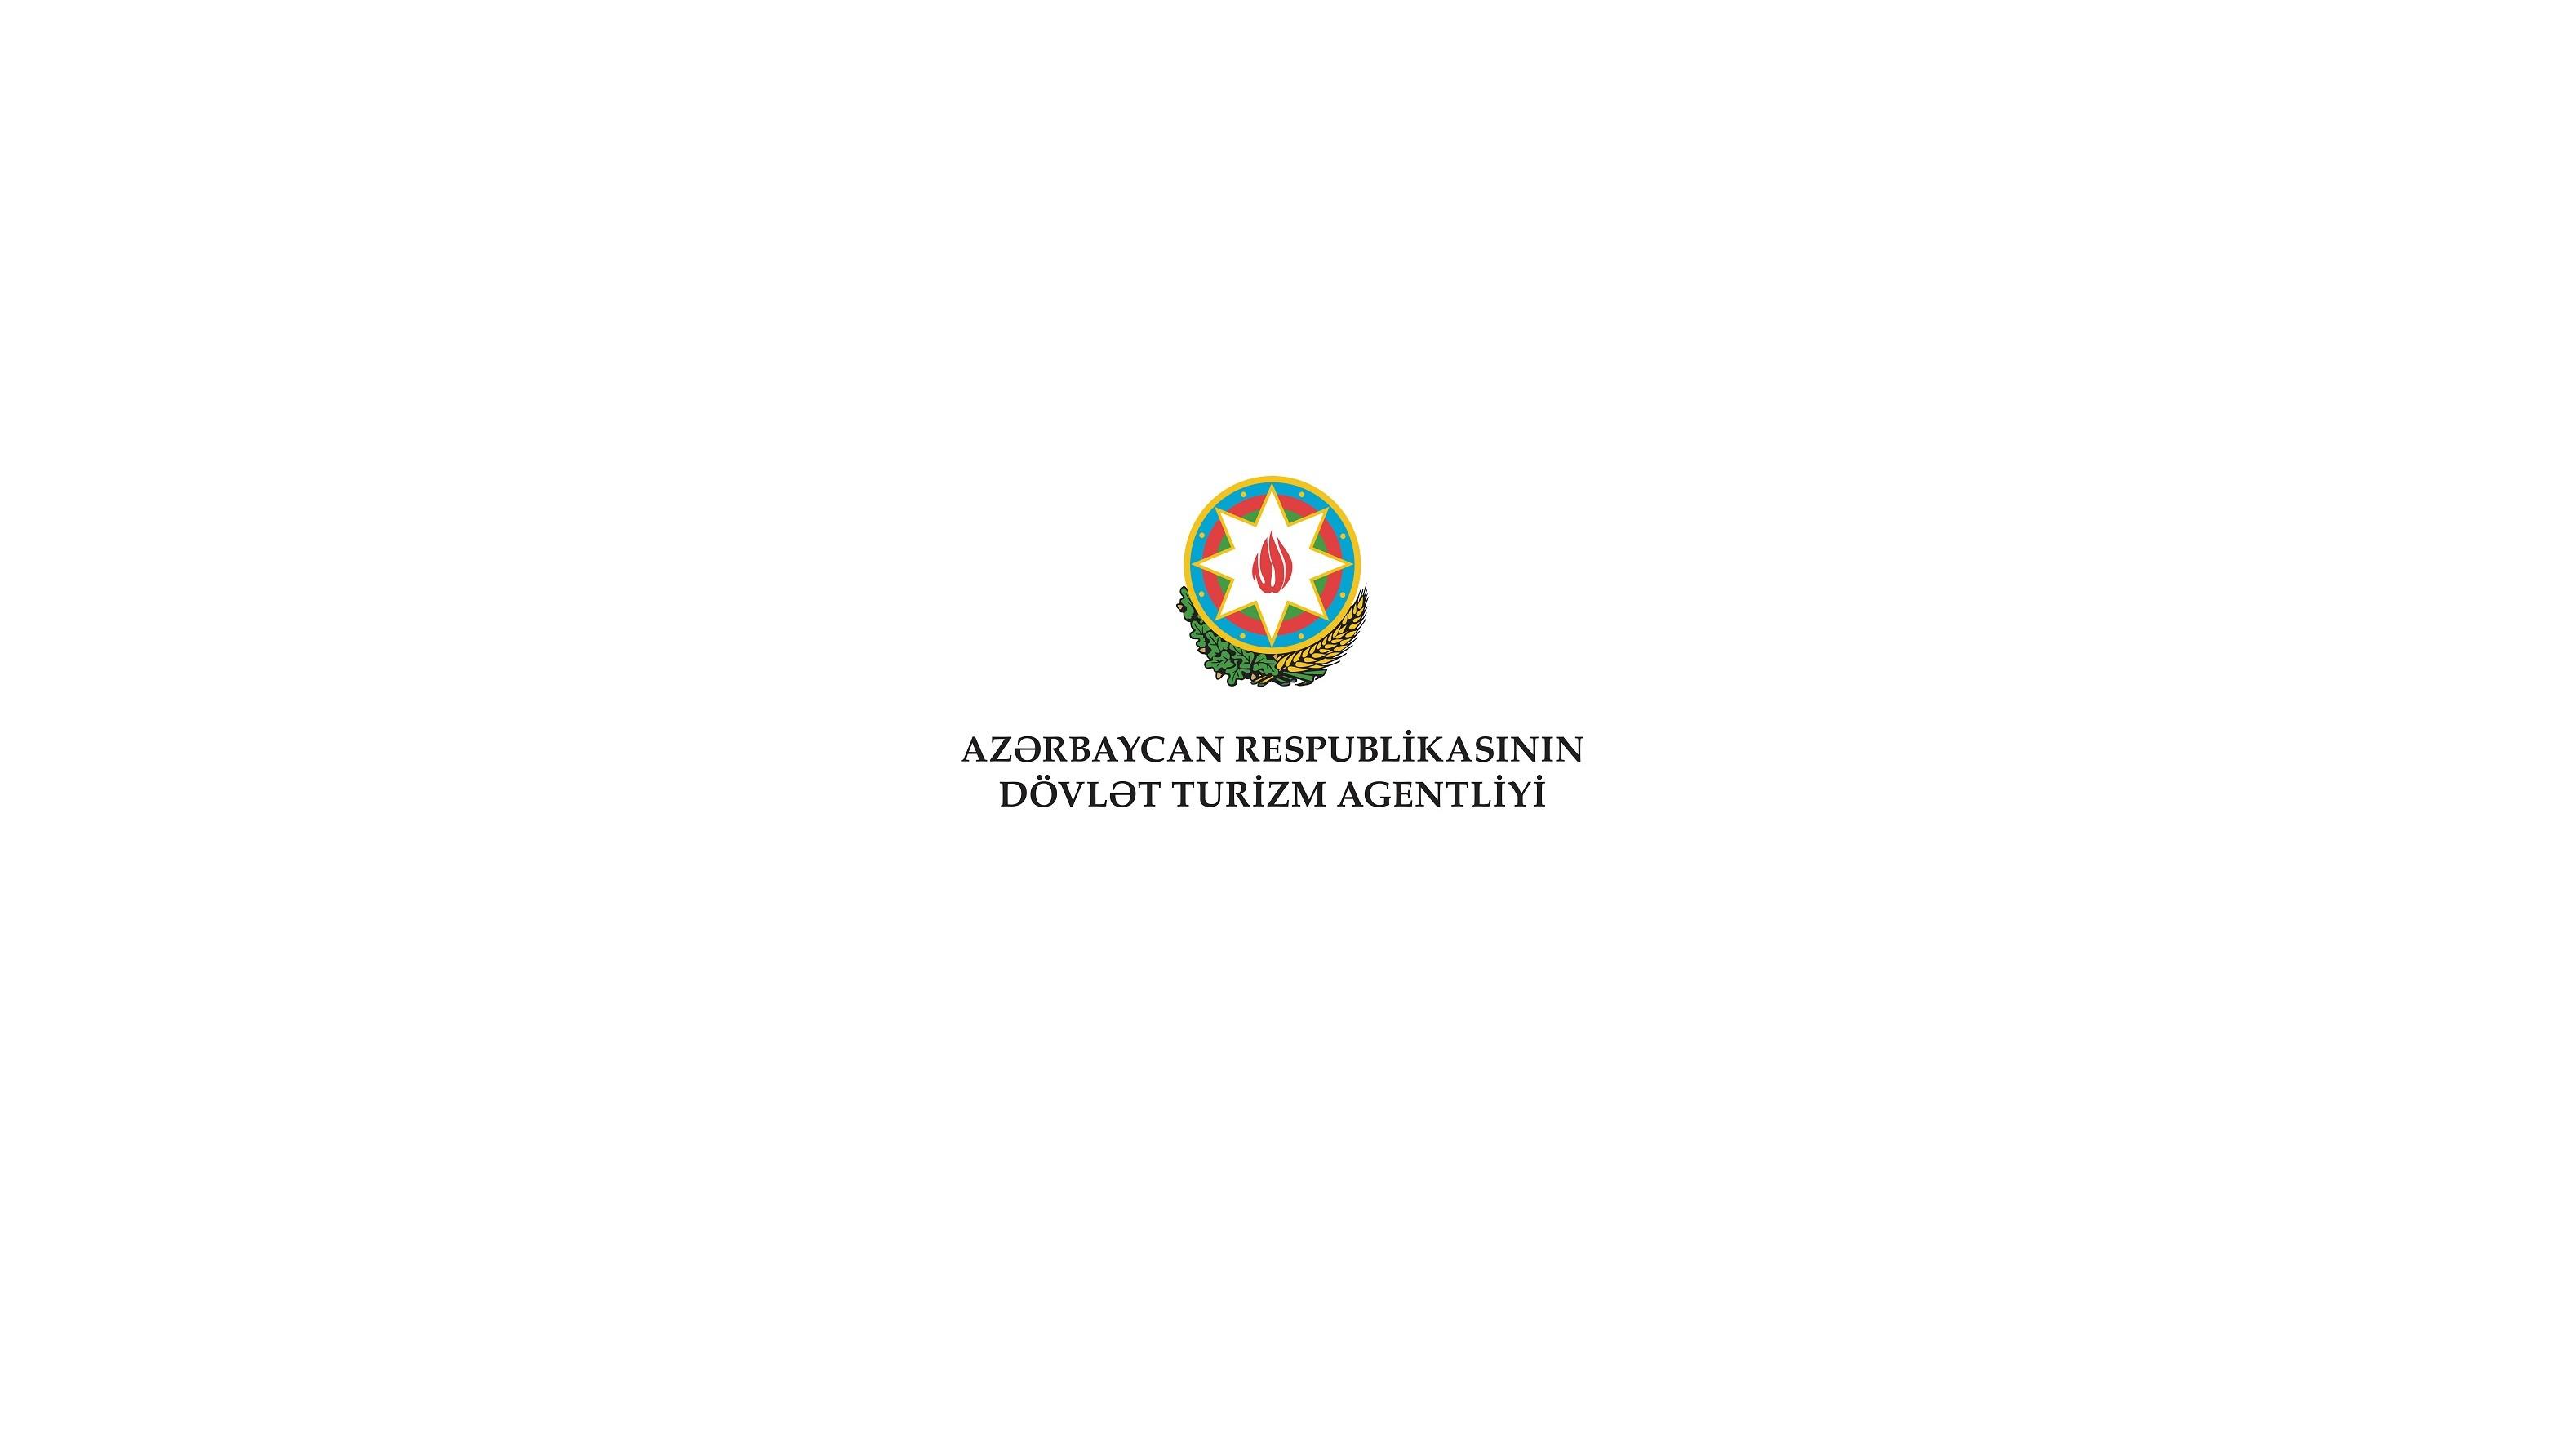 >Dövlət Turizm Agentliyi Ümumdünya Turizm Günü ilə əlaqədar müsabiqə elan edir